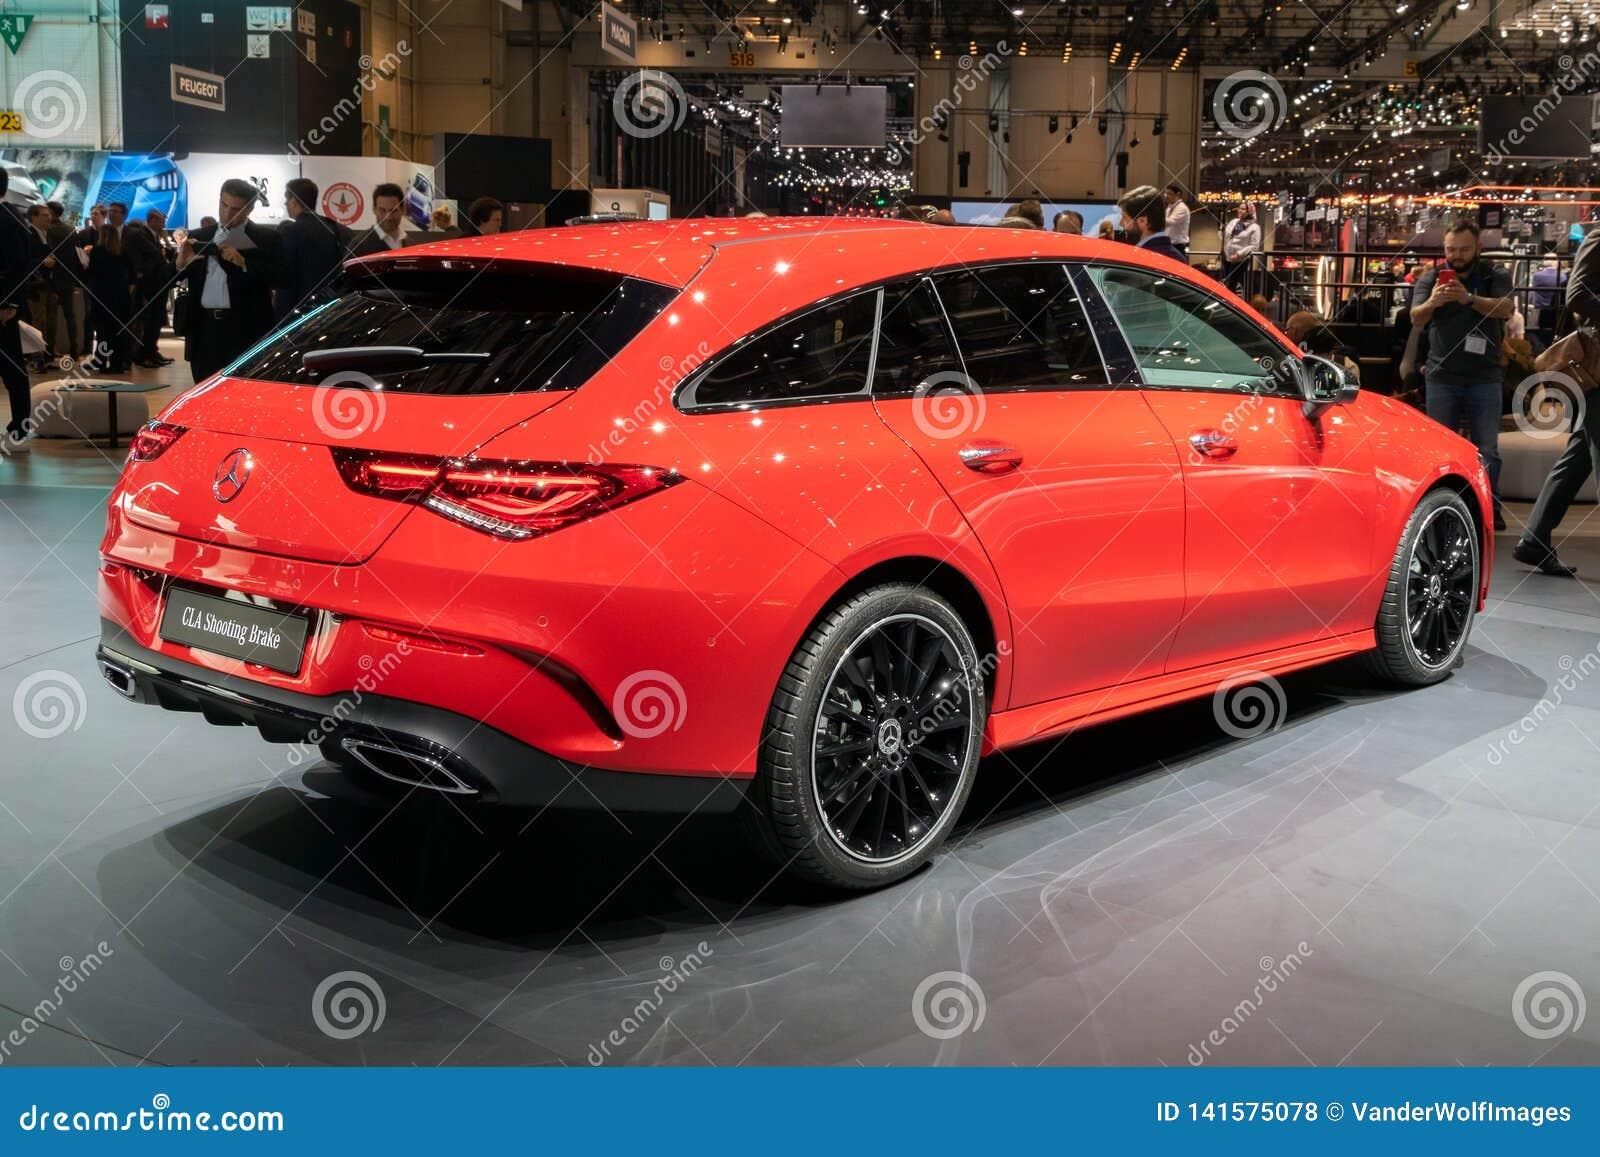 Cla Shooting Brake >> Mercedes Benz Cla Shooting Brake Car Editorial Stock Photo